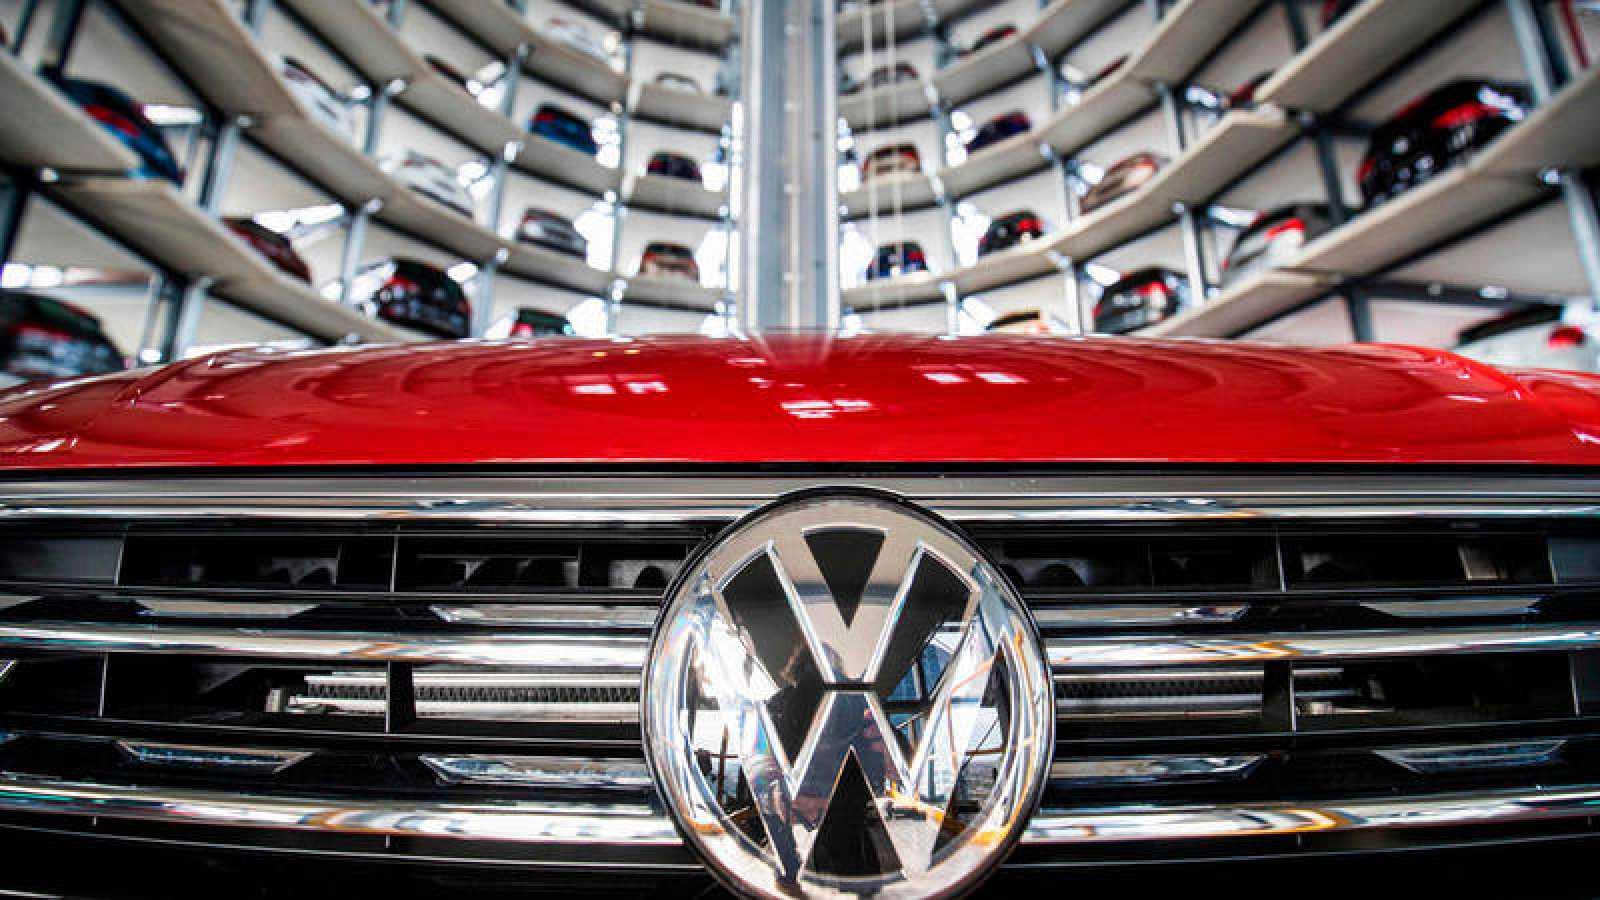 Almacén automático de vehículos de Volkswagen en su planta de Wolfsburg